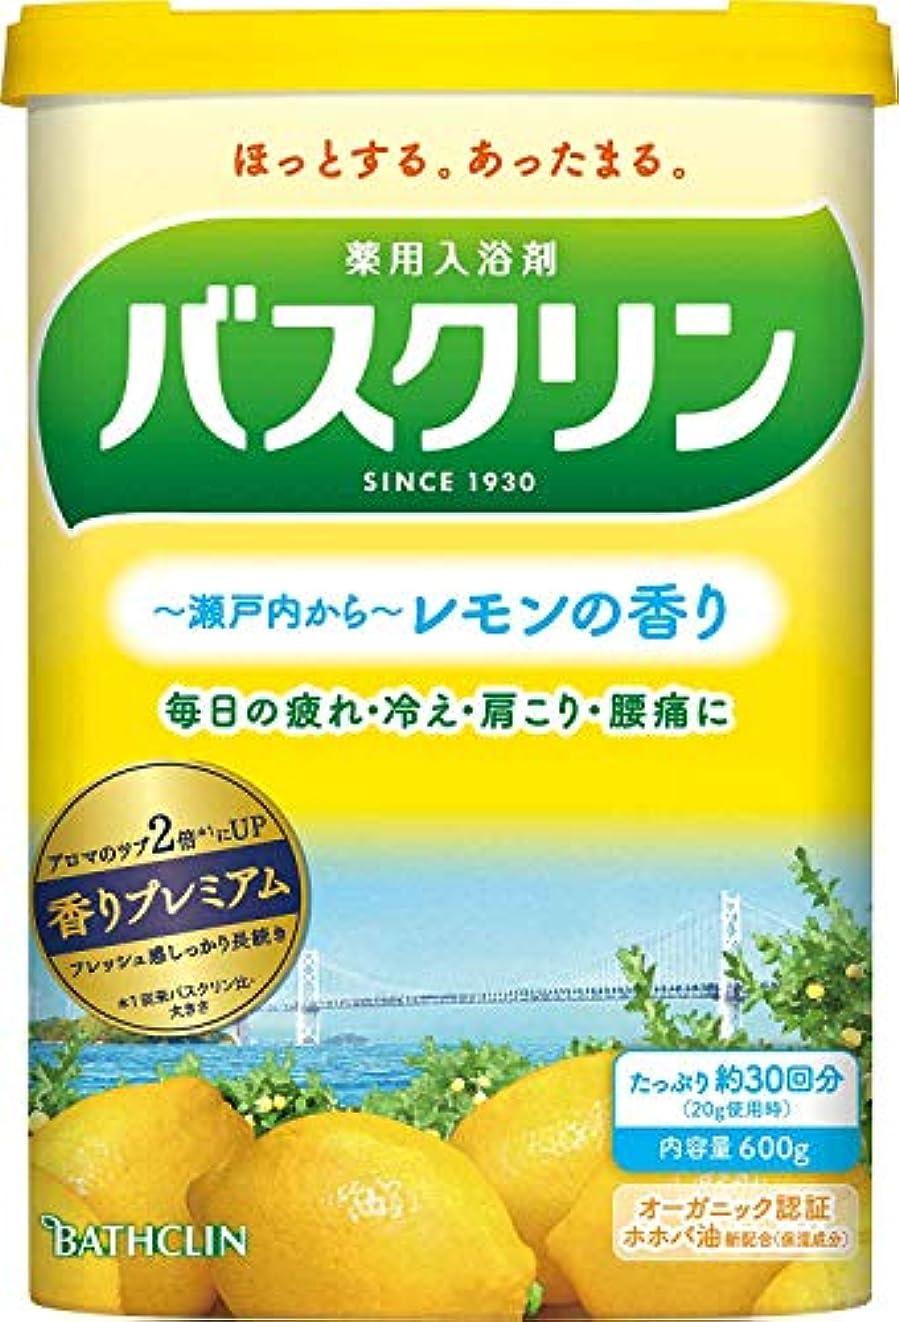 大声で知覚的養う【医薬部外品】バスクリン入浴剤 レモンの香り600g(約30回分) 疲労回復